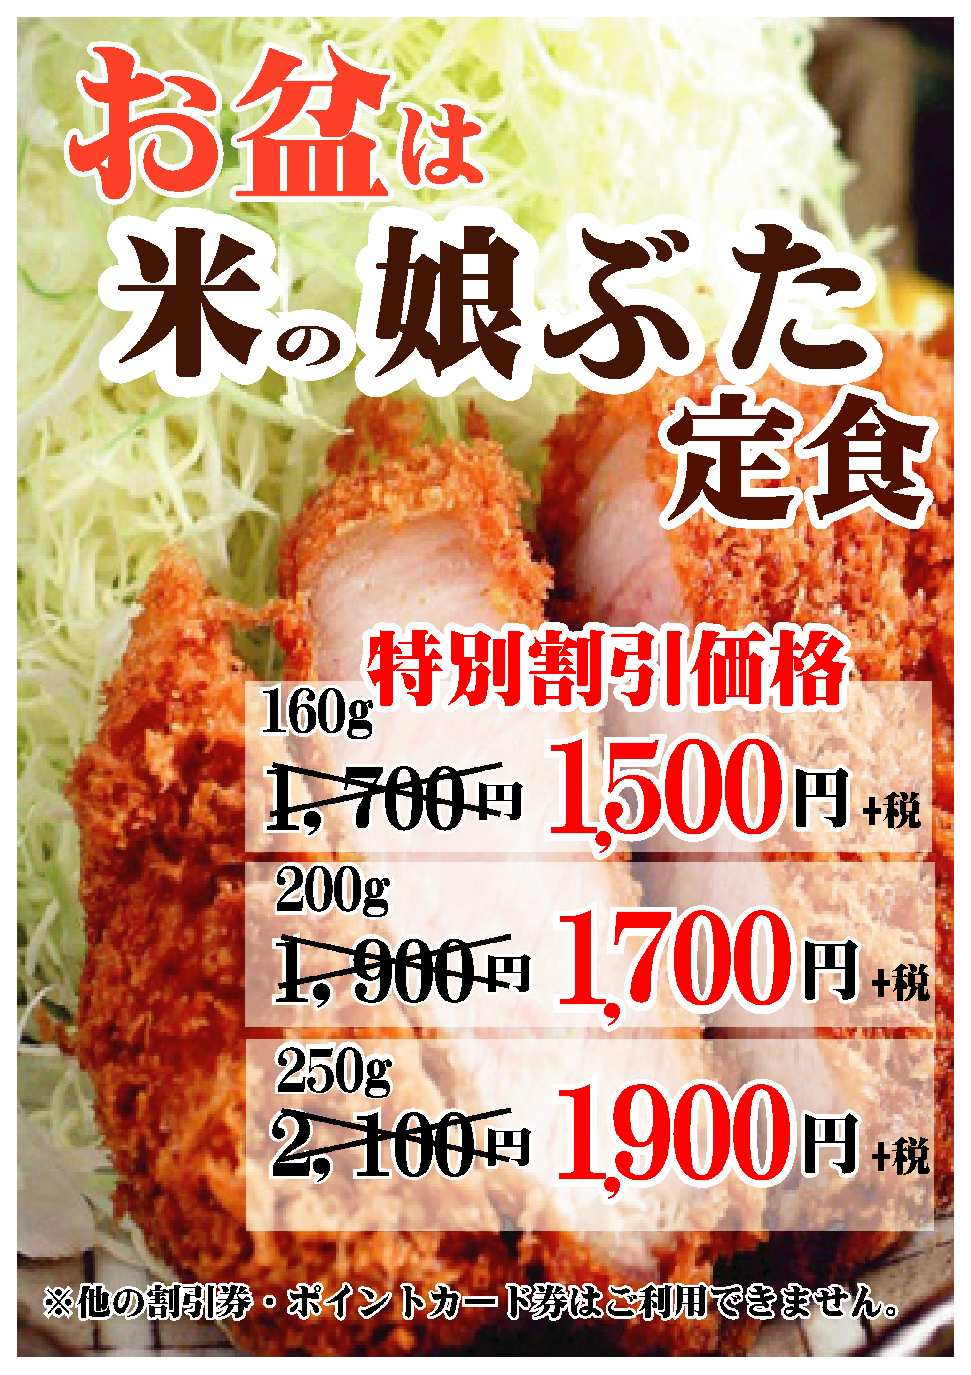 米の娘ぶた定食キャンペーン2016.8お盆